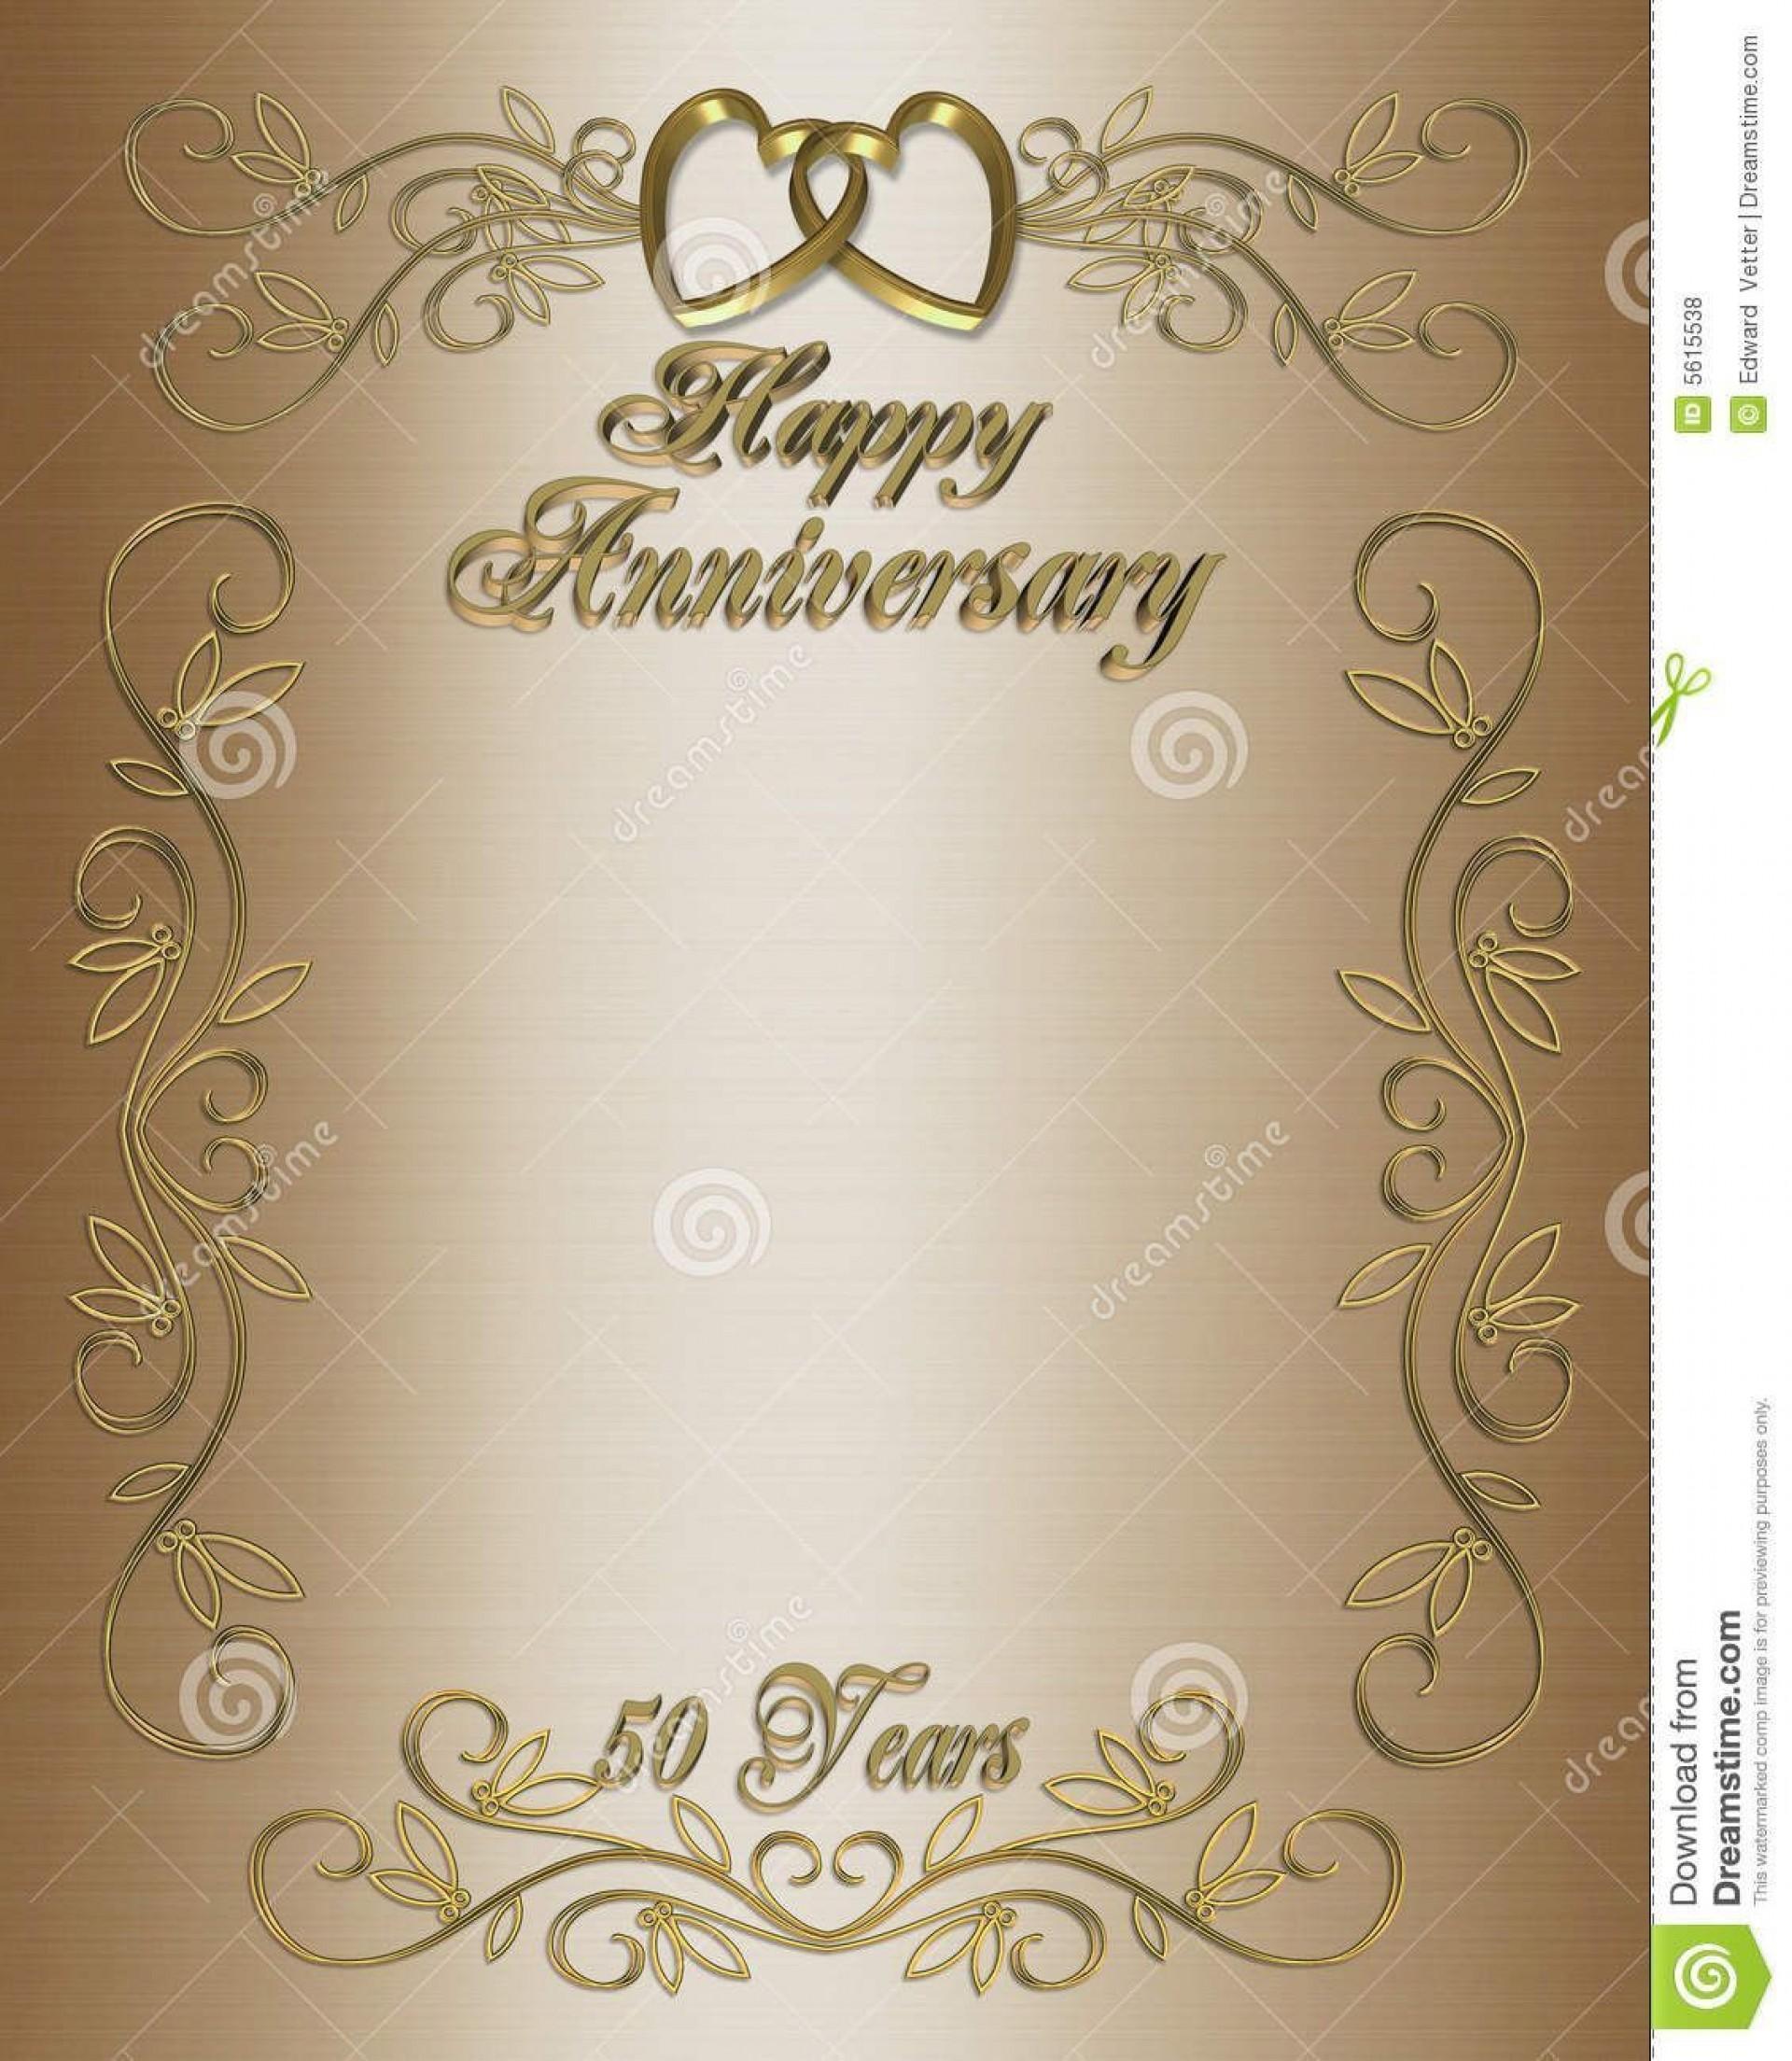 005 Fantastic 50th Wedding Anniversary Invitation Template Free Download Idea  Golden1920